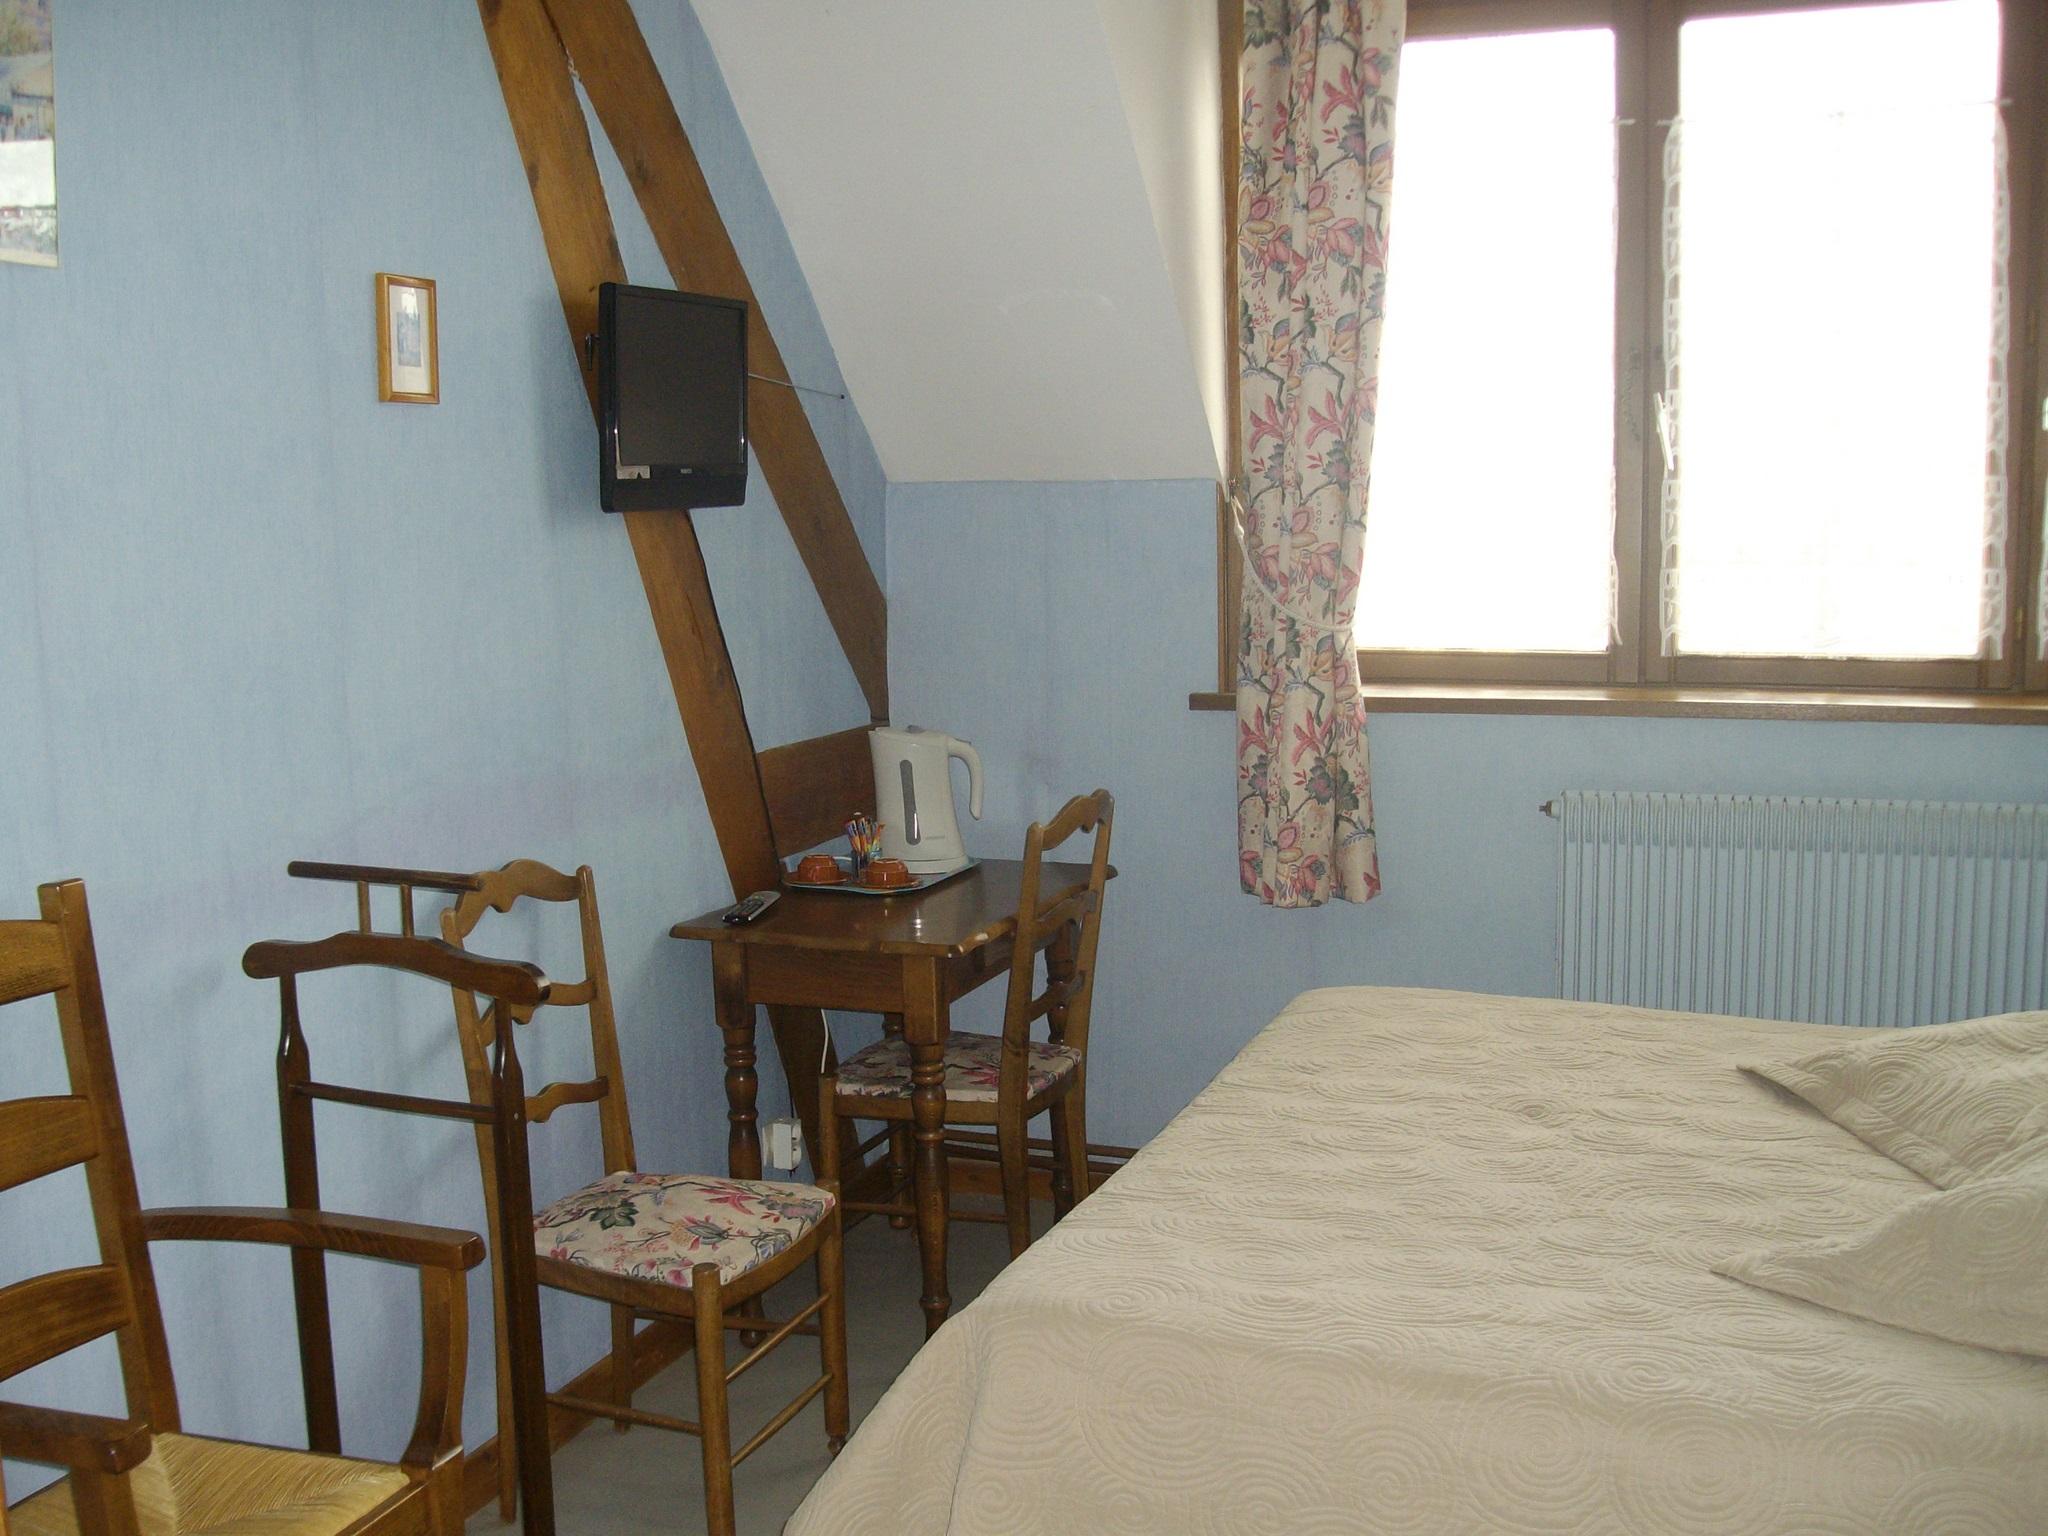 chambre cote d opale mistral 07 ferme des 4 vents location. Black Bedroom Furniture Sets. Home Design Ideas